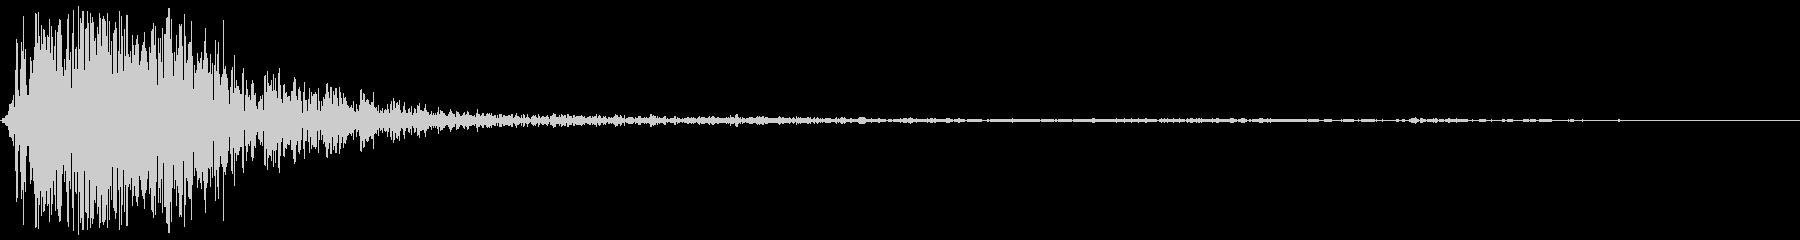 中世のウォーハンマー:金属シールド...の未再生の波形